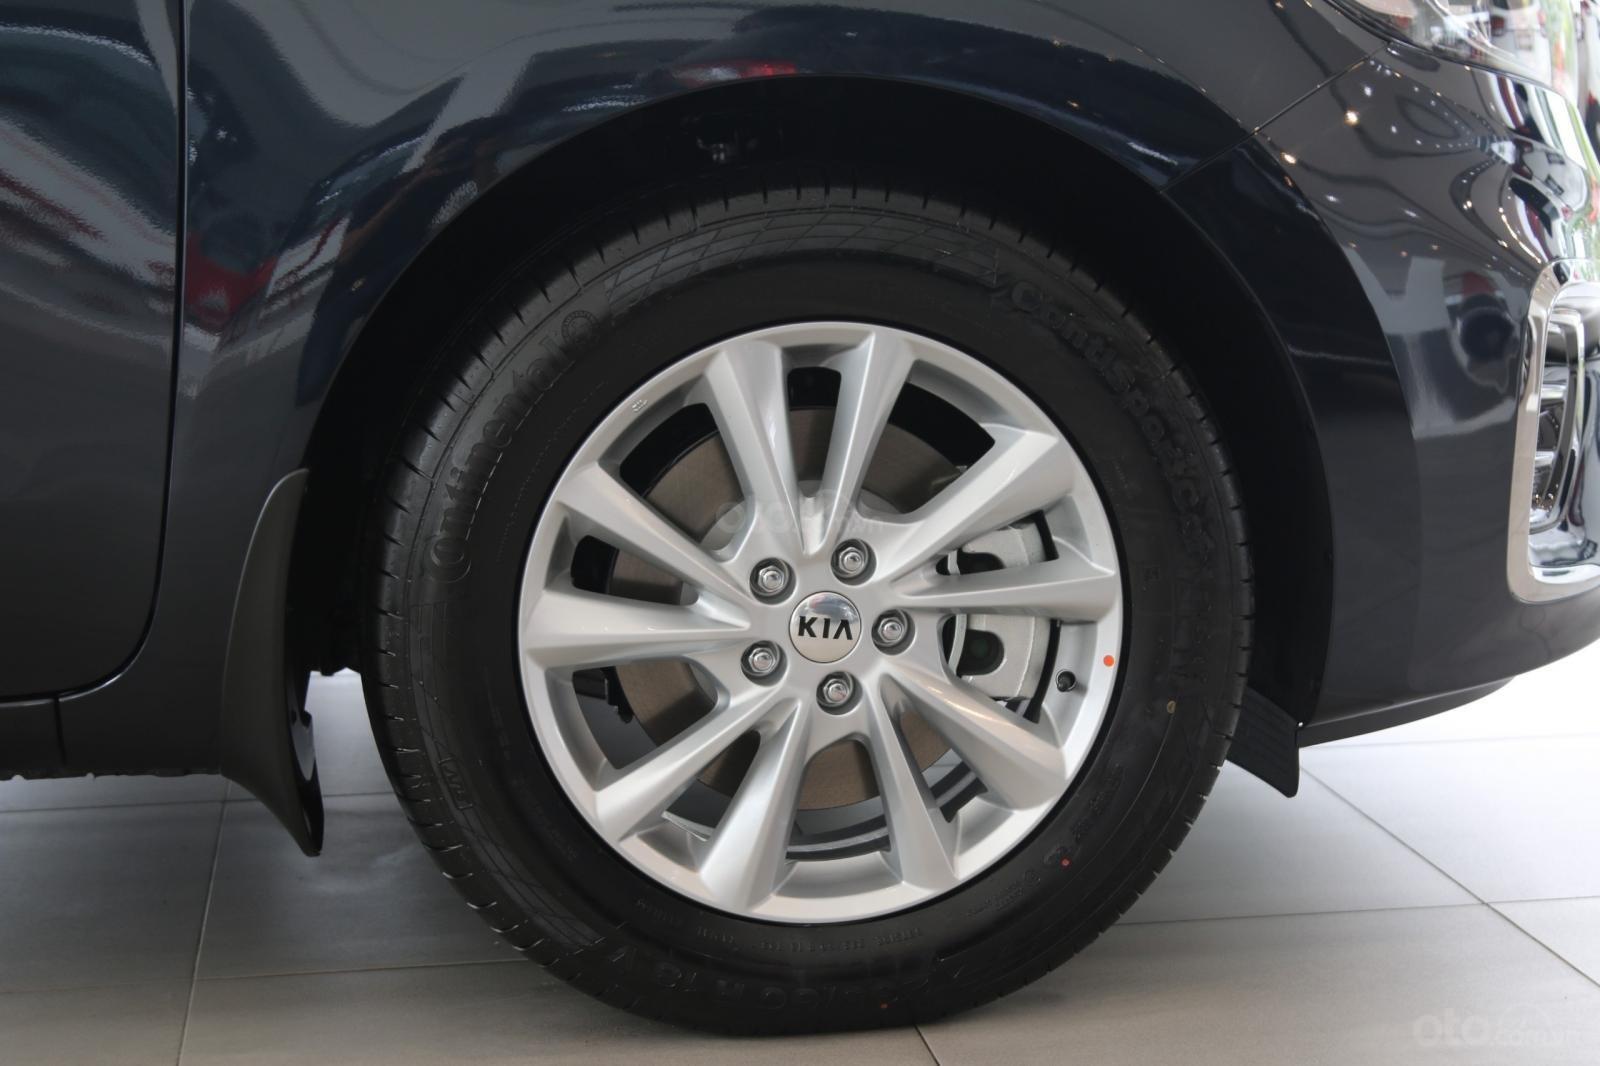 Kia Sedona - giảm giá tiền mặt / tặng bảo hiểm + camera hành trình - liên hệ PKD Kia Bình Tân 093 317 0660 (10)